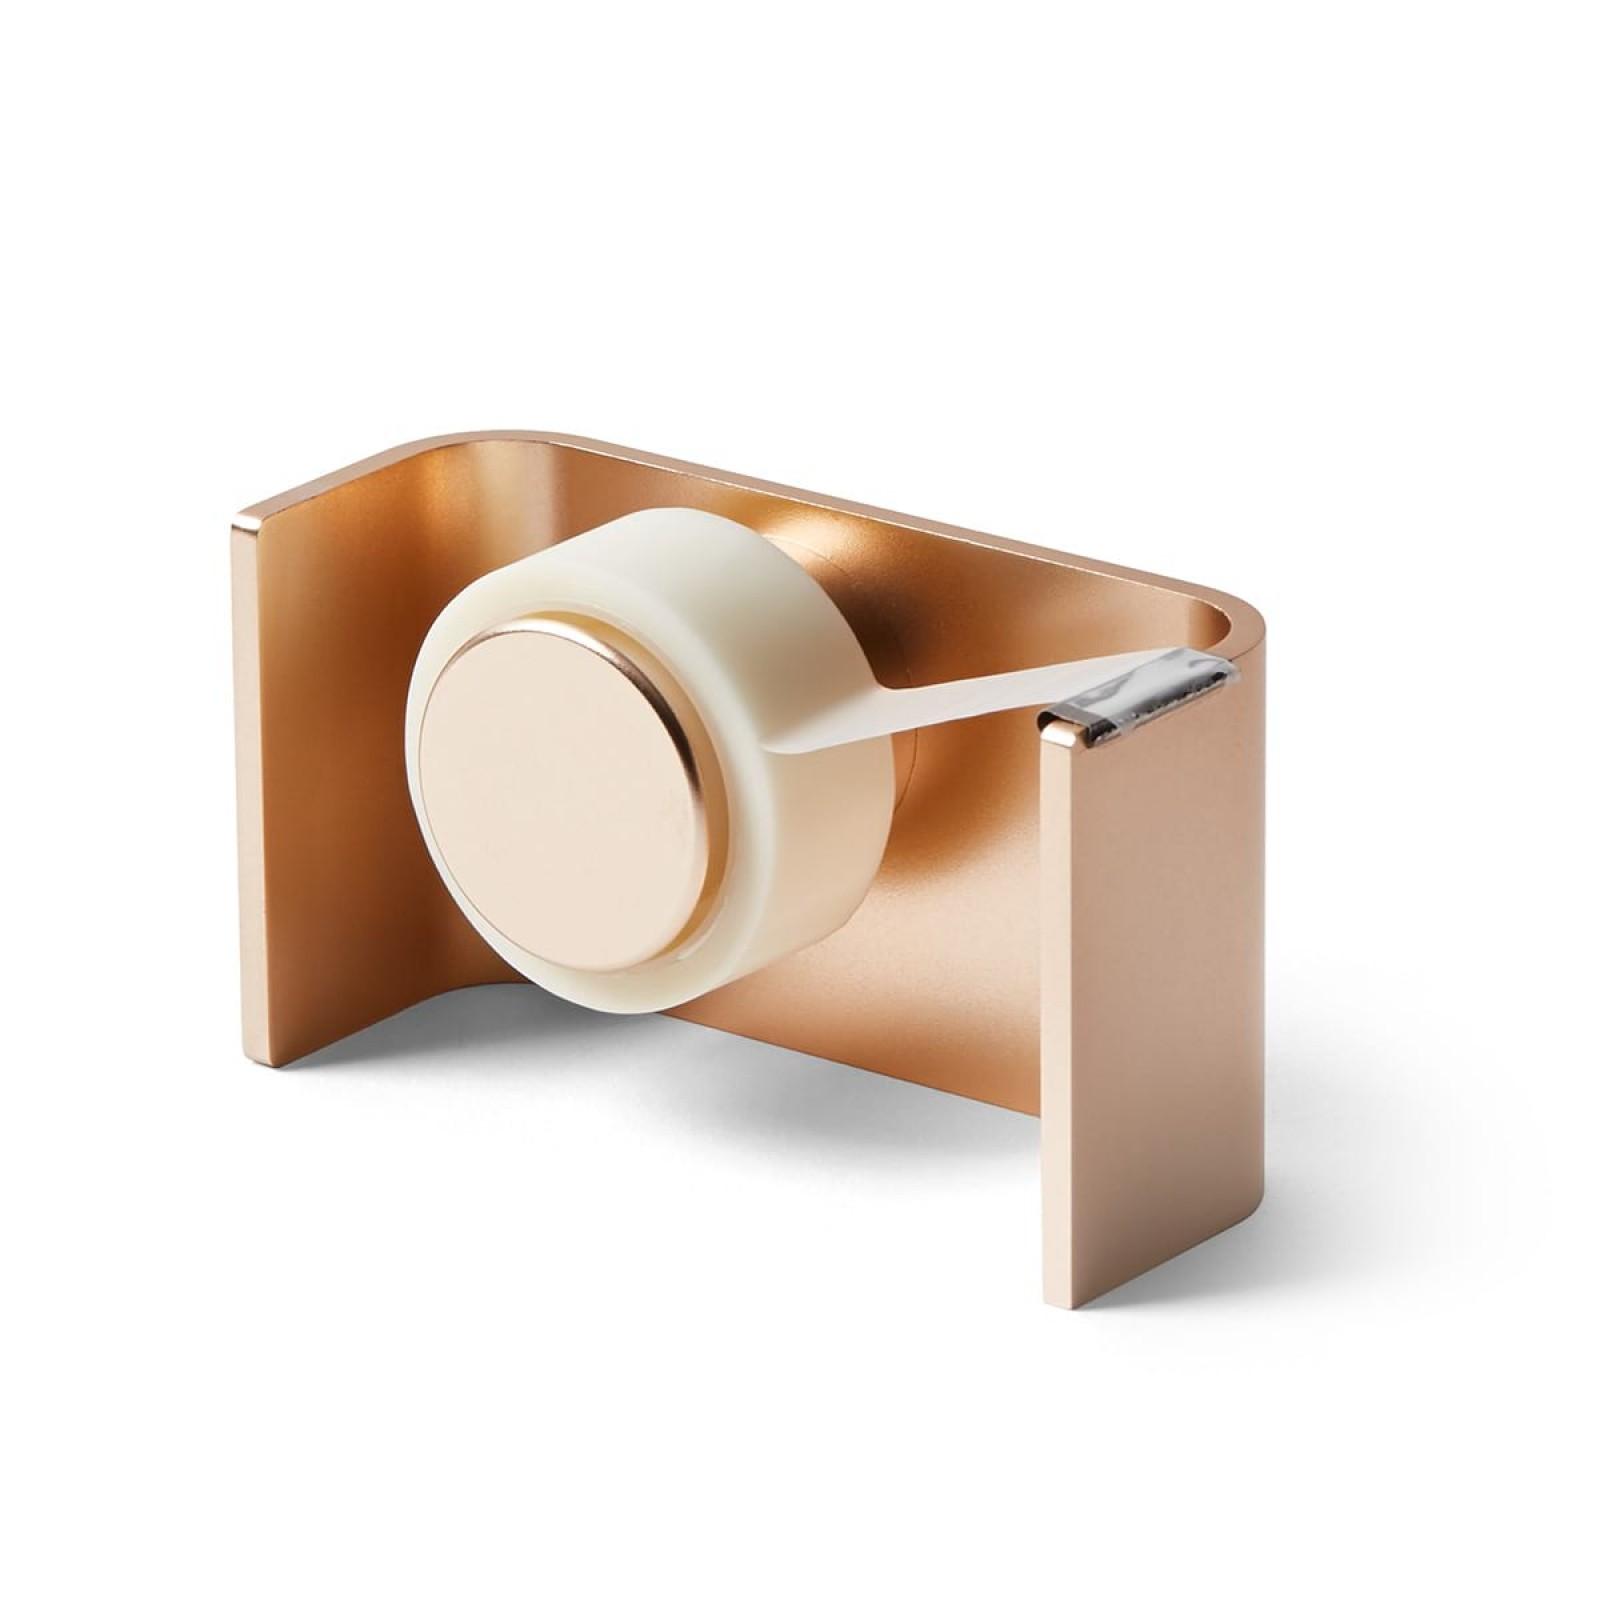 City Tape Dispenser (Soft Gold) - LEXON